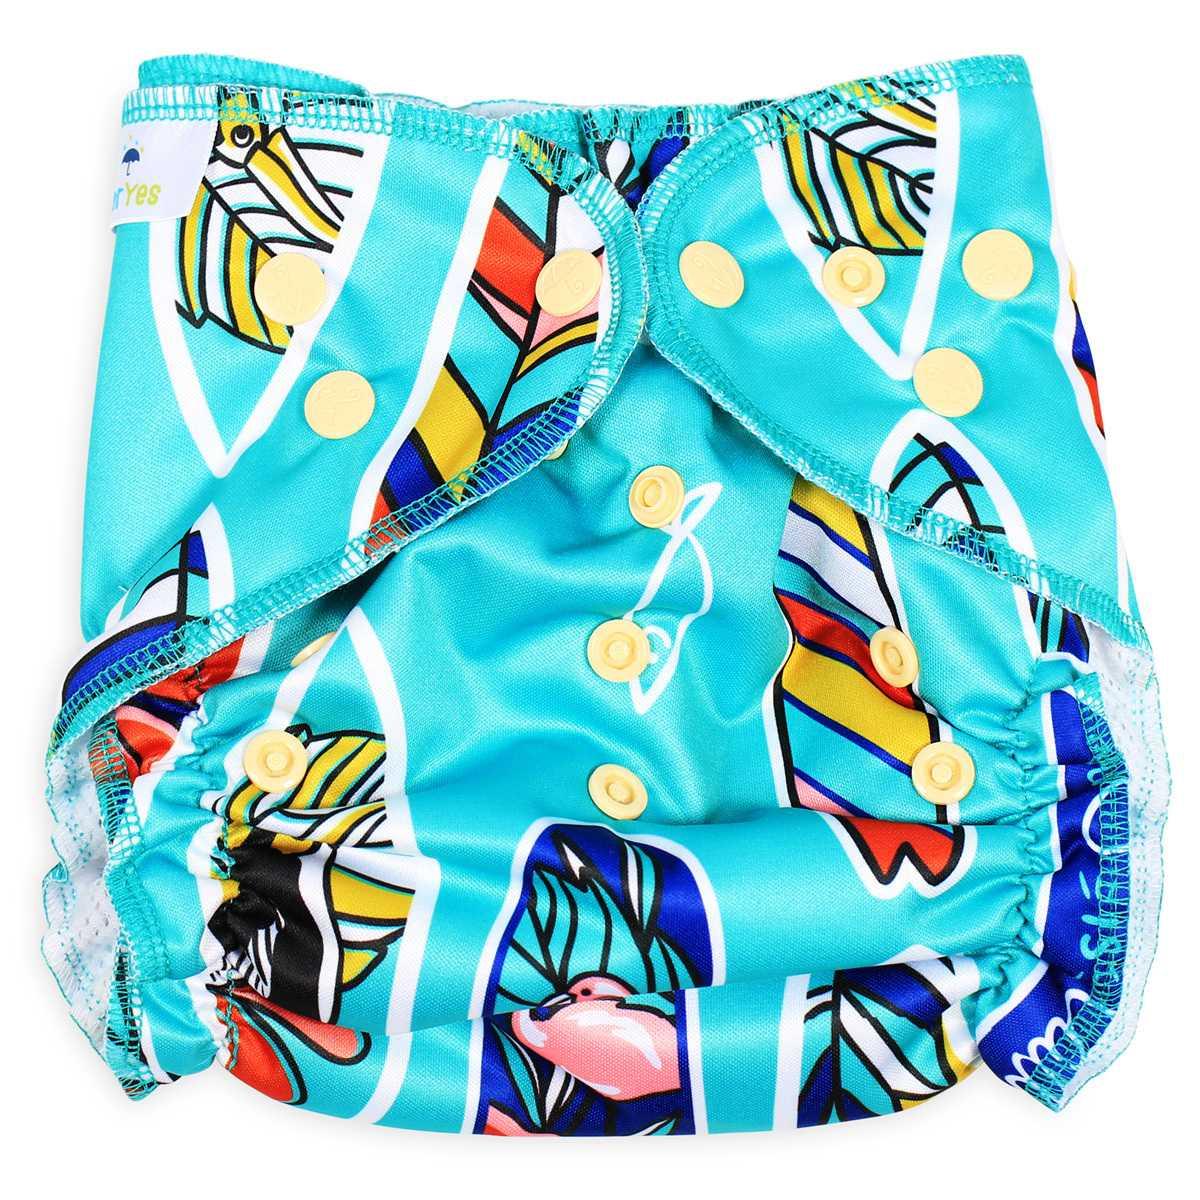 Многоразовые подгузники gloryes: выбираем памперсы для плавания, отзывы